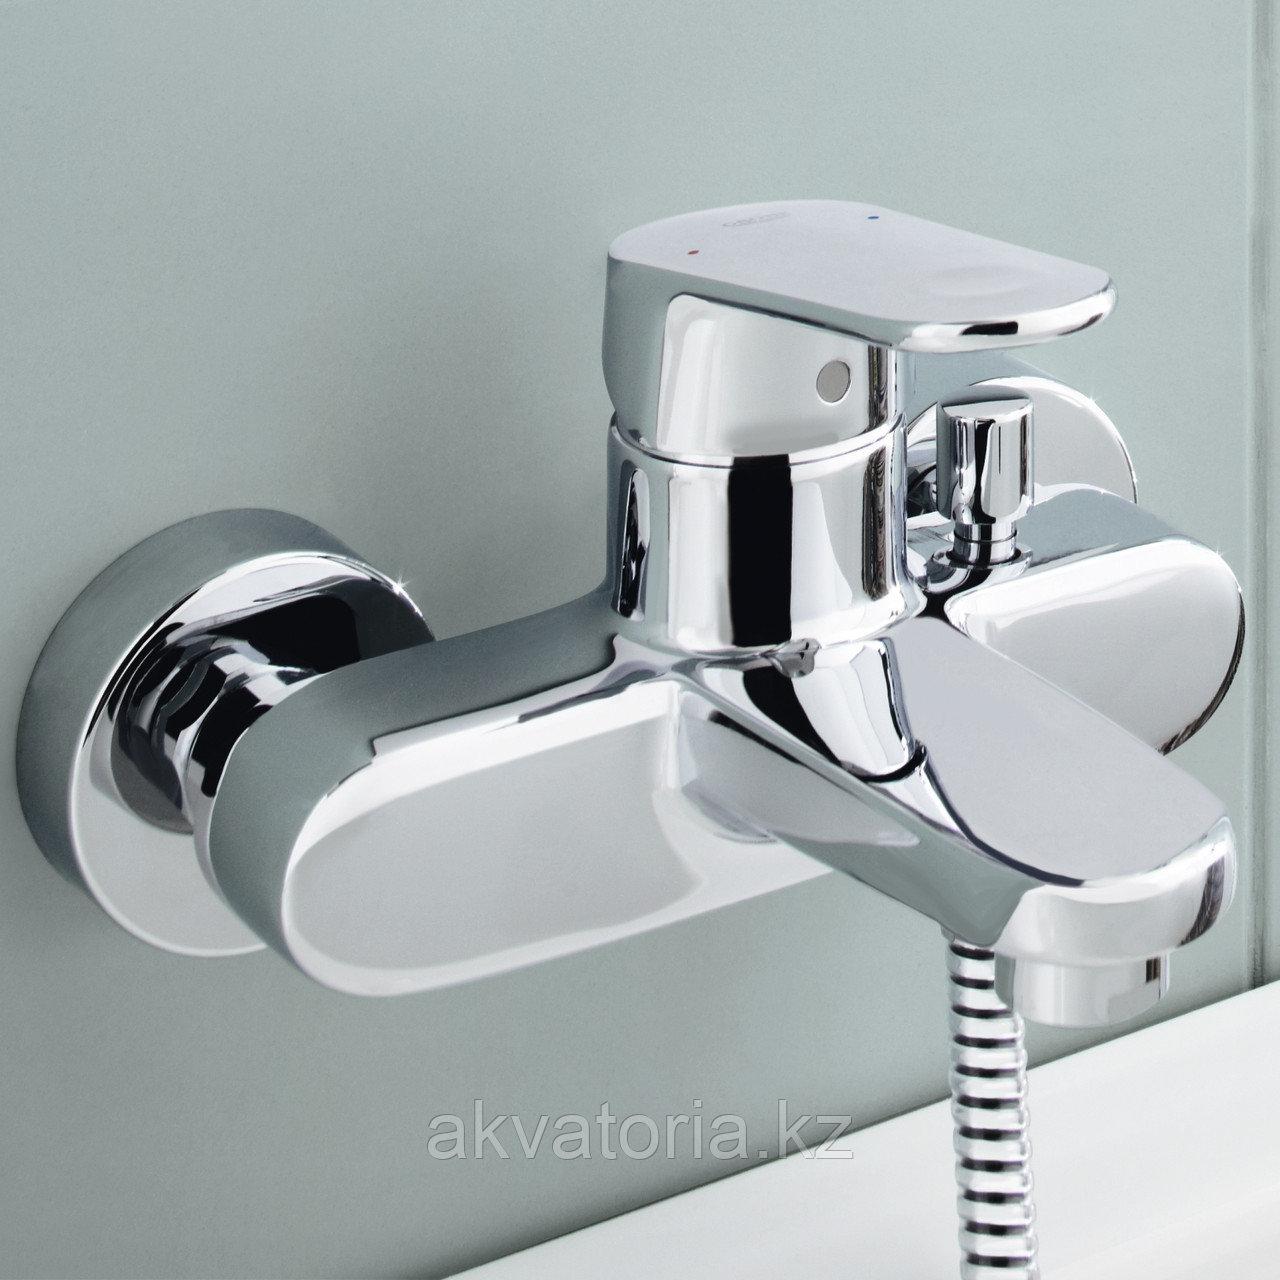 33553002 Europlus new exp Смеситель  для ванны